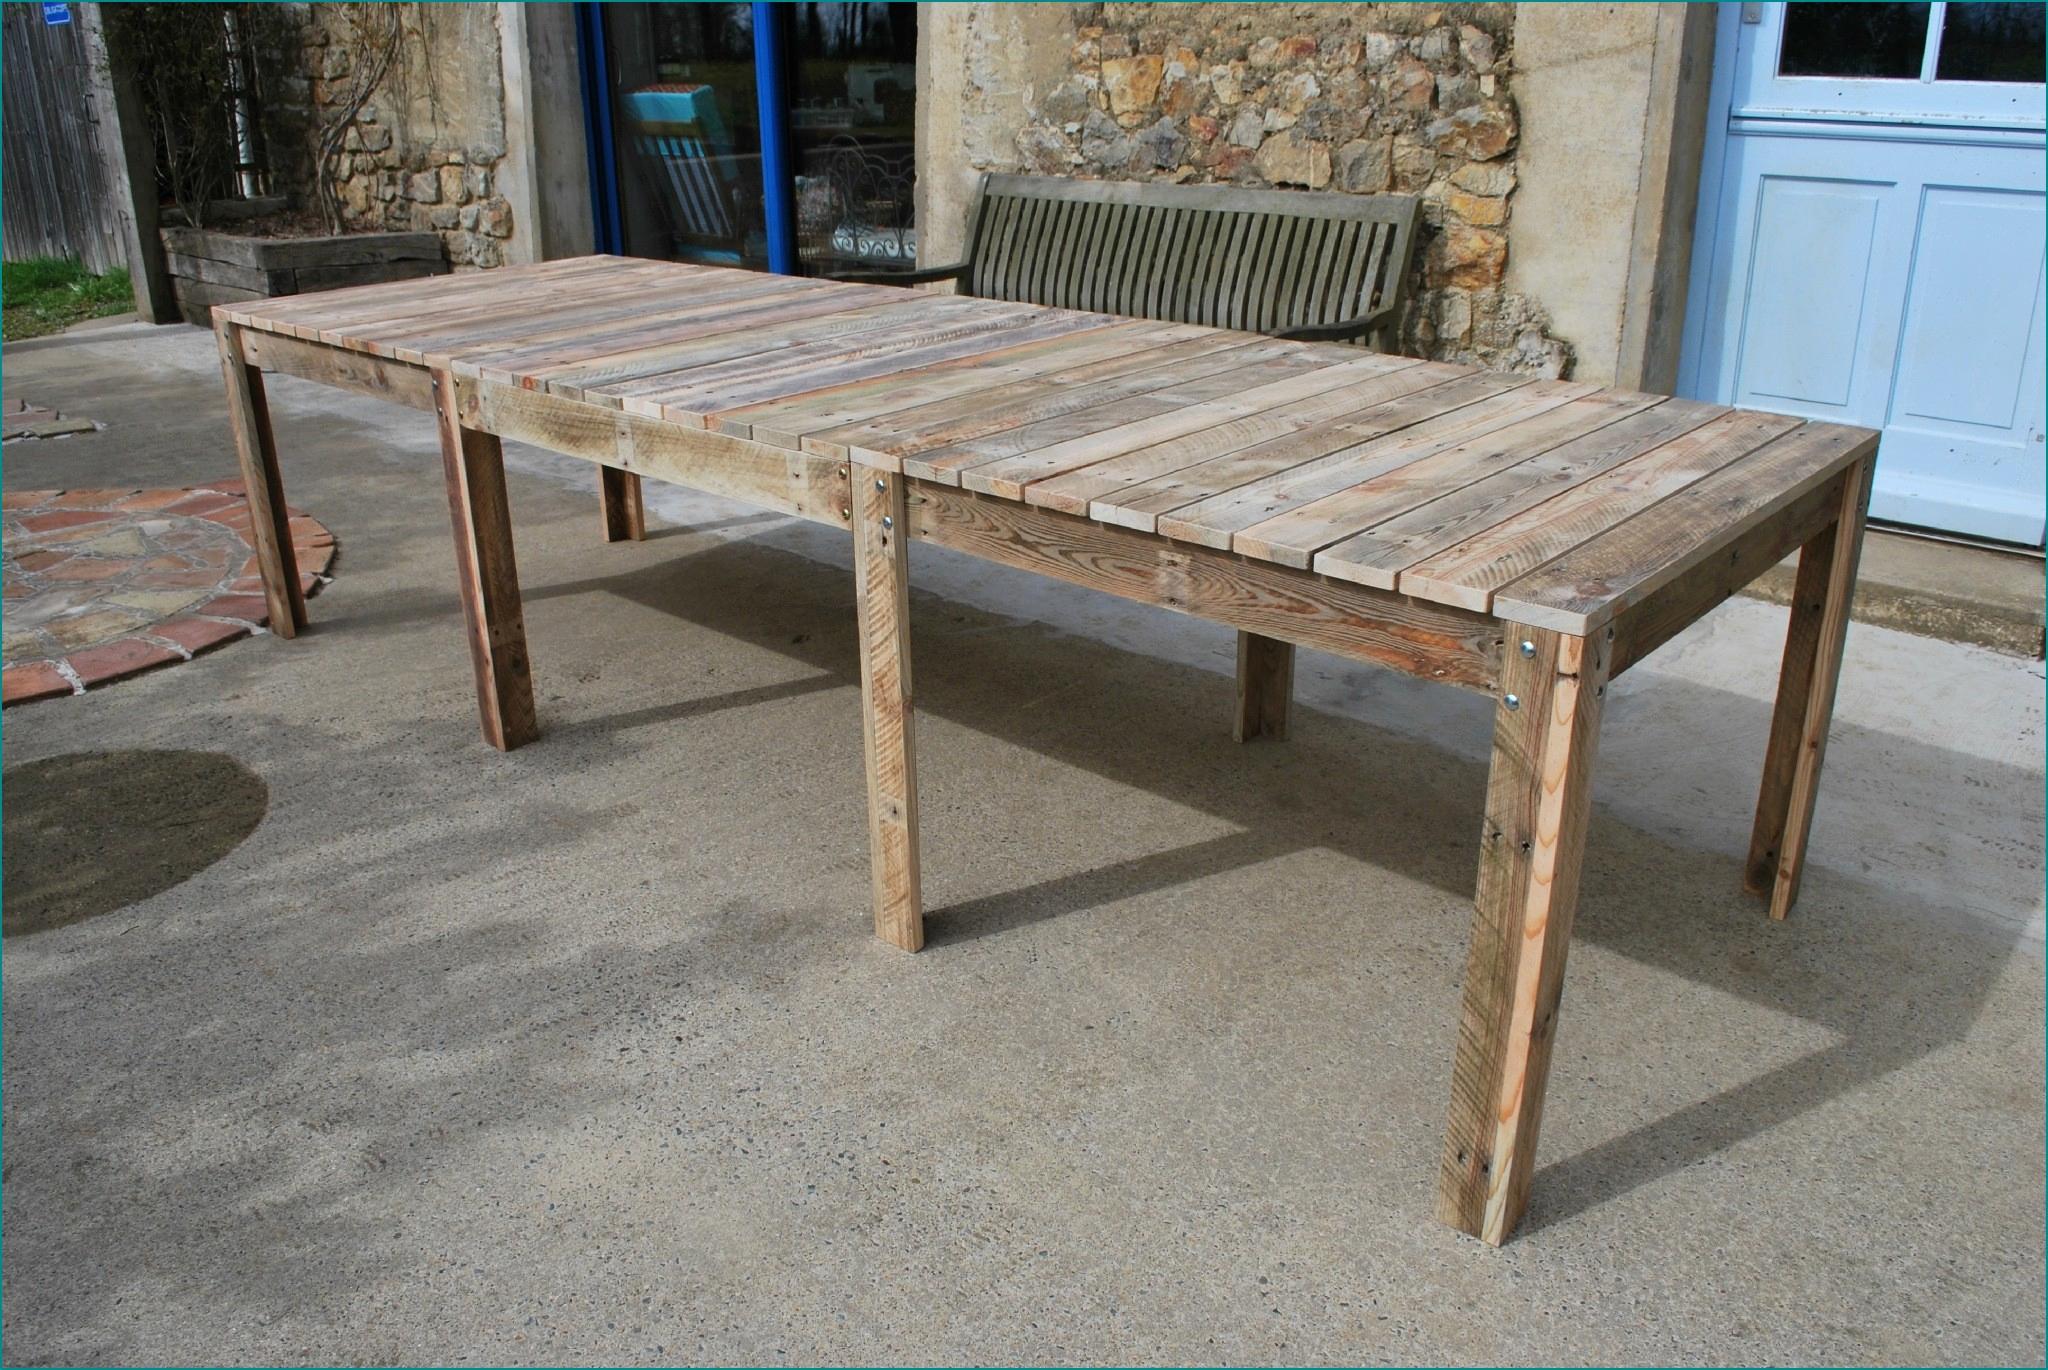 fabriquer un salon de jardin en bois nouveau banc en palette simple nouveau banc palette bois of fabriquer un salon de jardin en bois